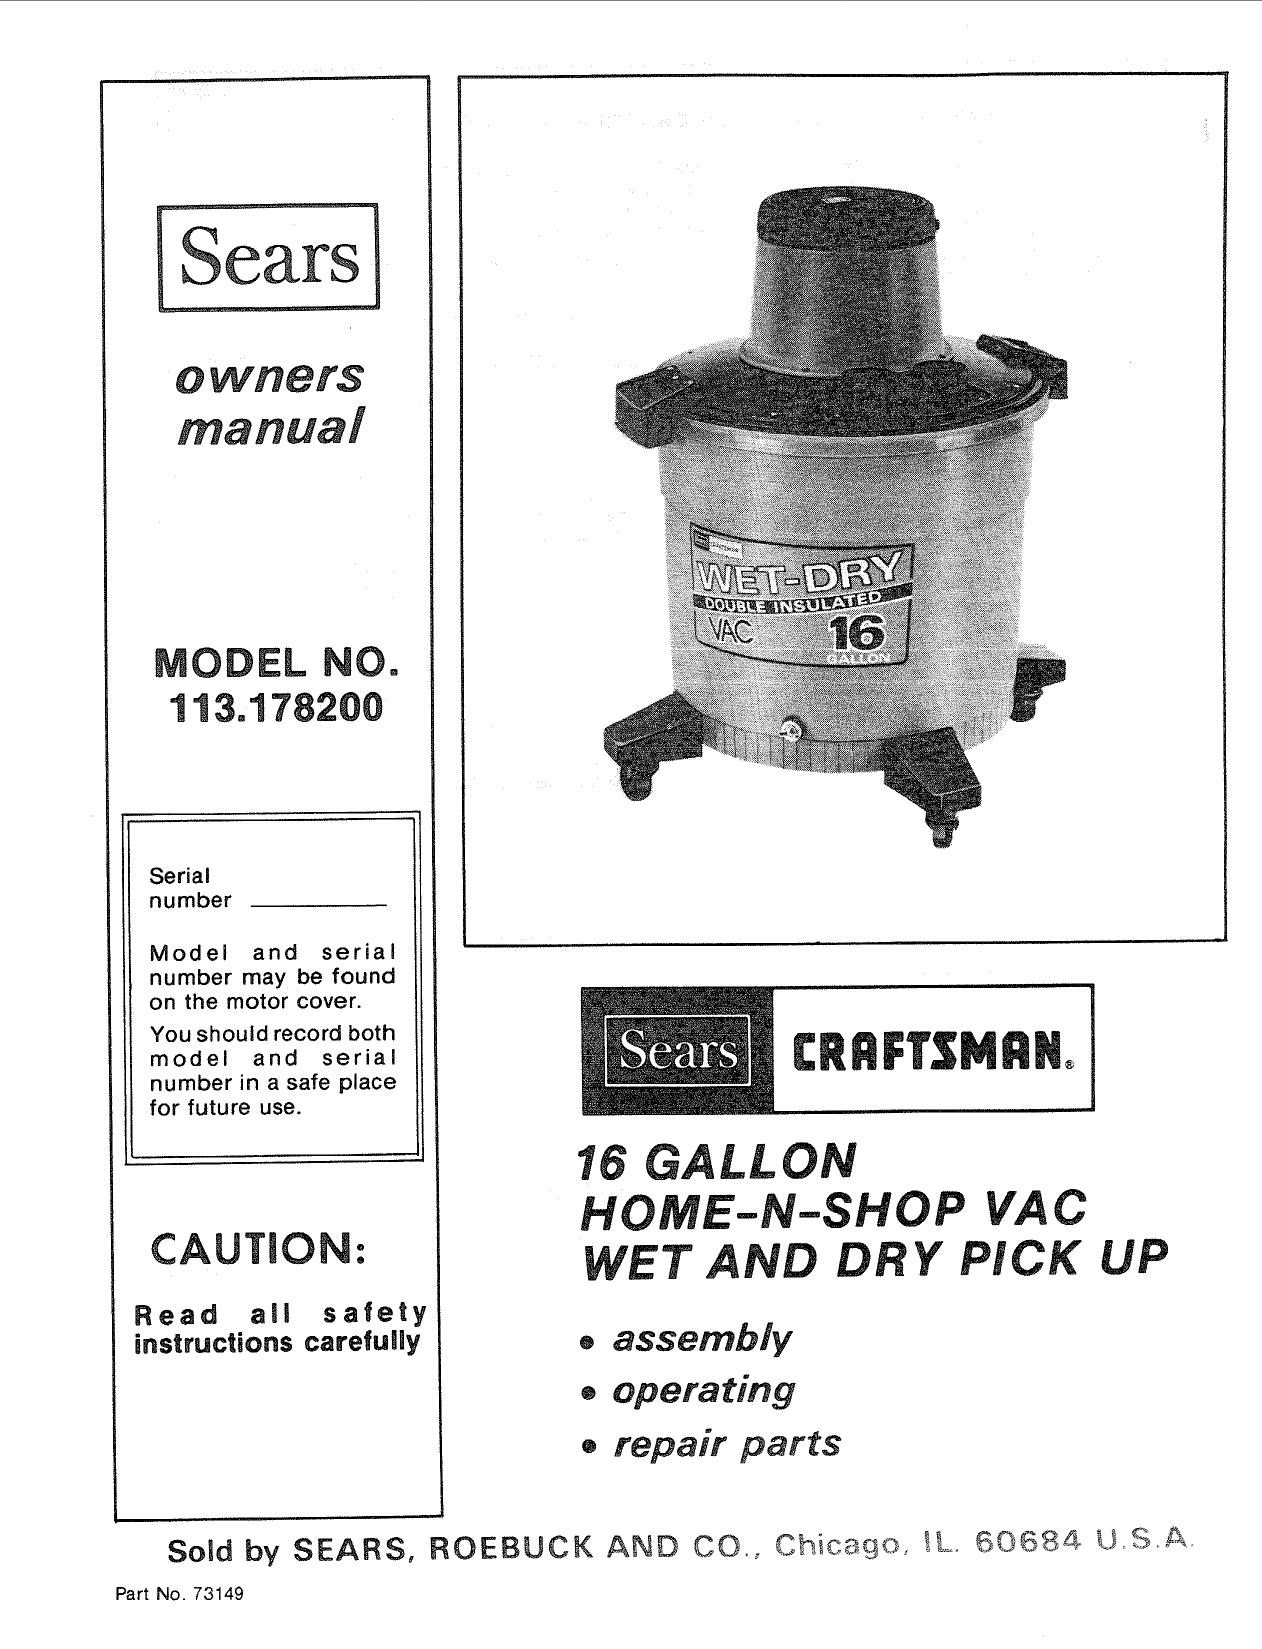 shop vac 6 gallon manual